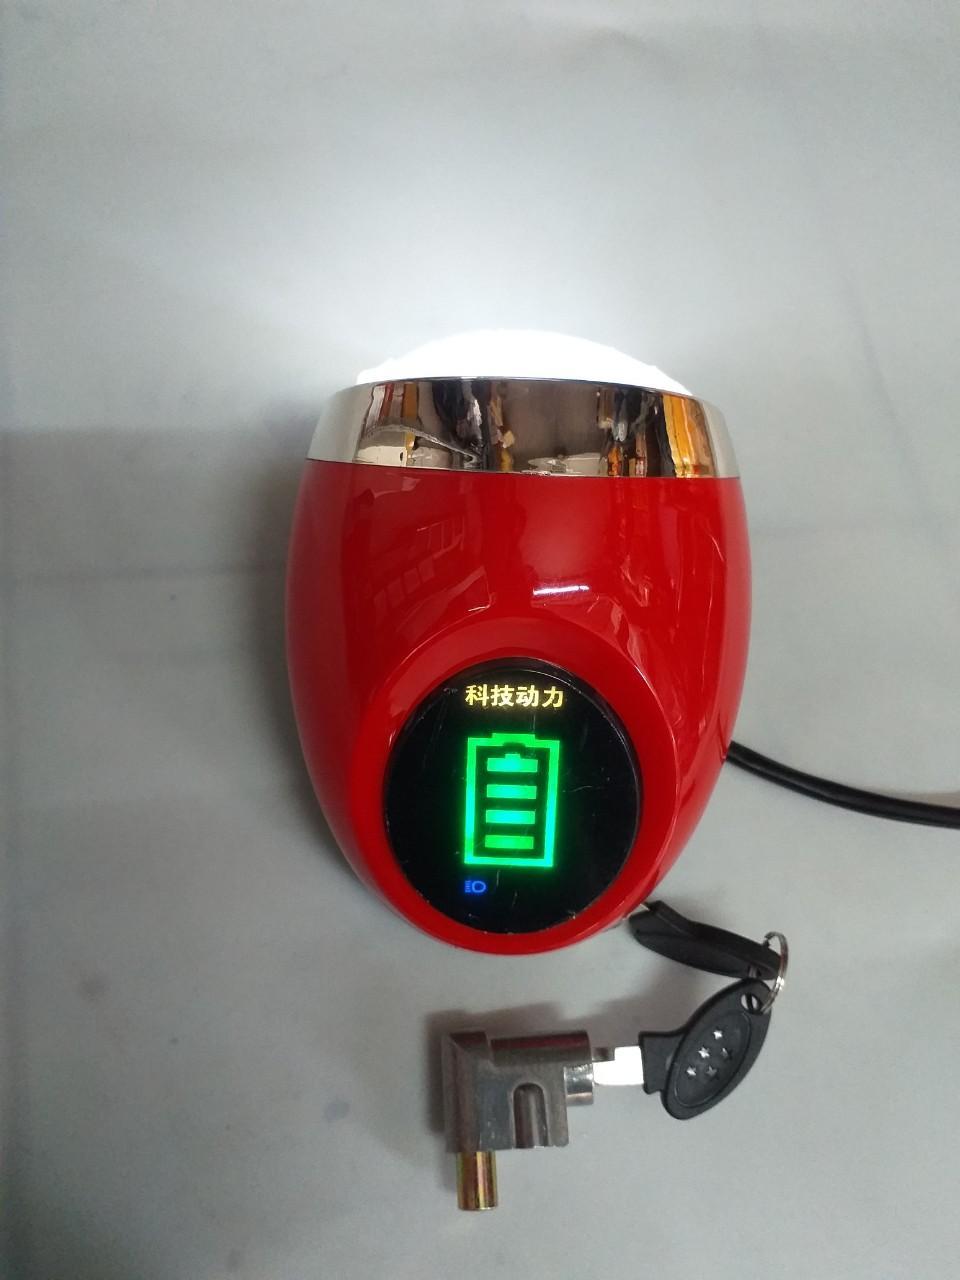 Mua đầu đèn xe đạp điện giá tốt- dau den - đầu đèn xe đạp điện - đầu đèn xe điện kiểu mới - đầu đèn